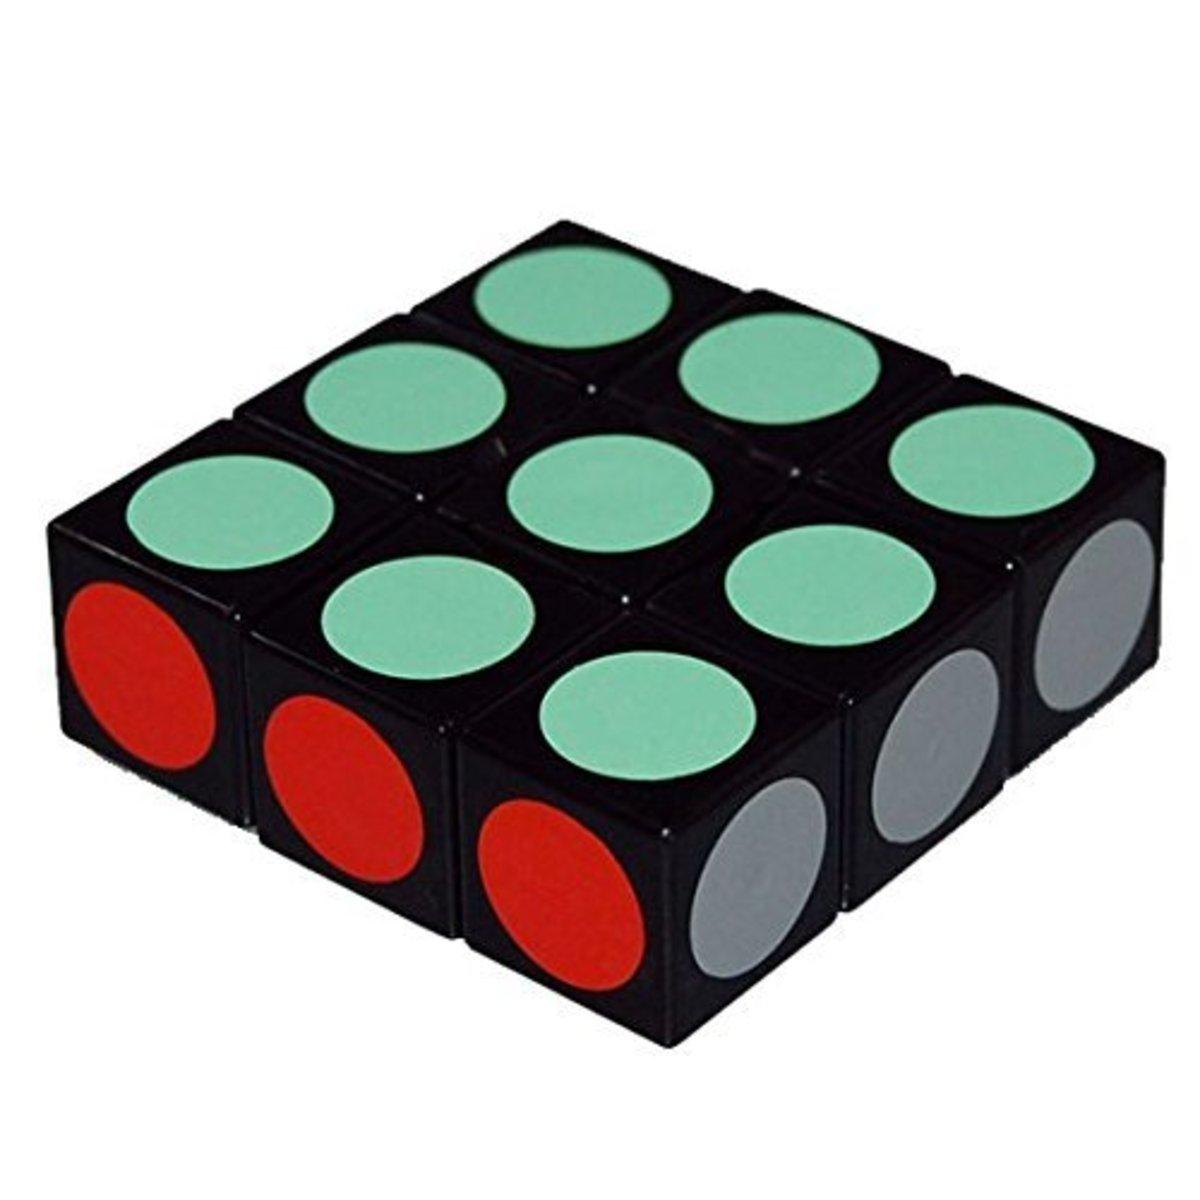 3x3x1 Super Floppy Lan Lan